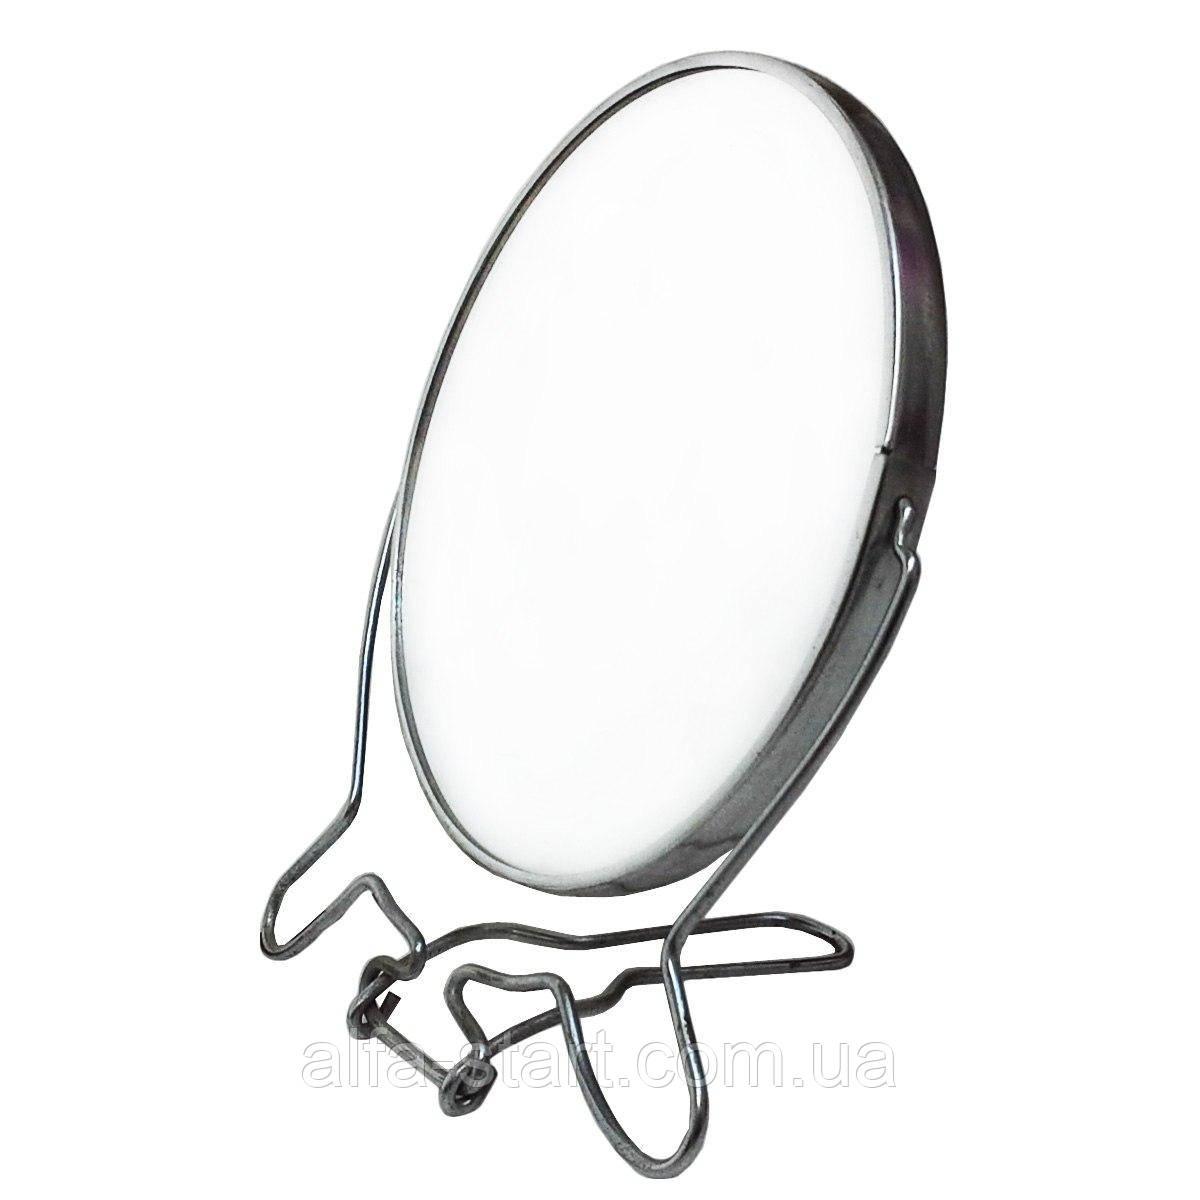 Кругле настільне двостороннє дзеркало 19см в хромованою оправі